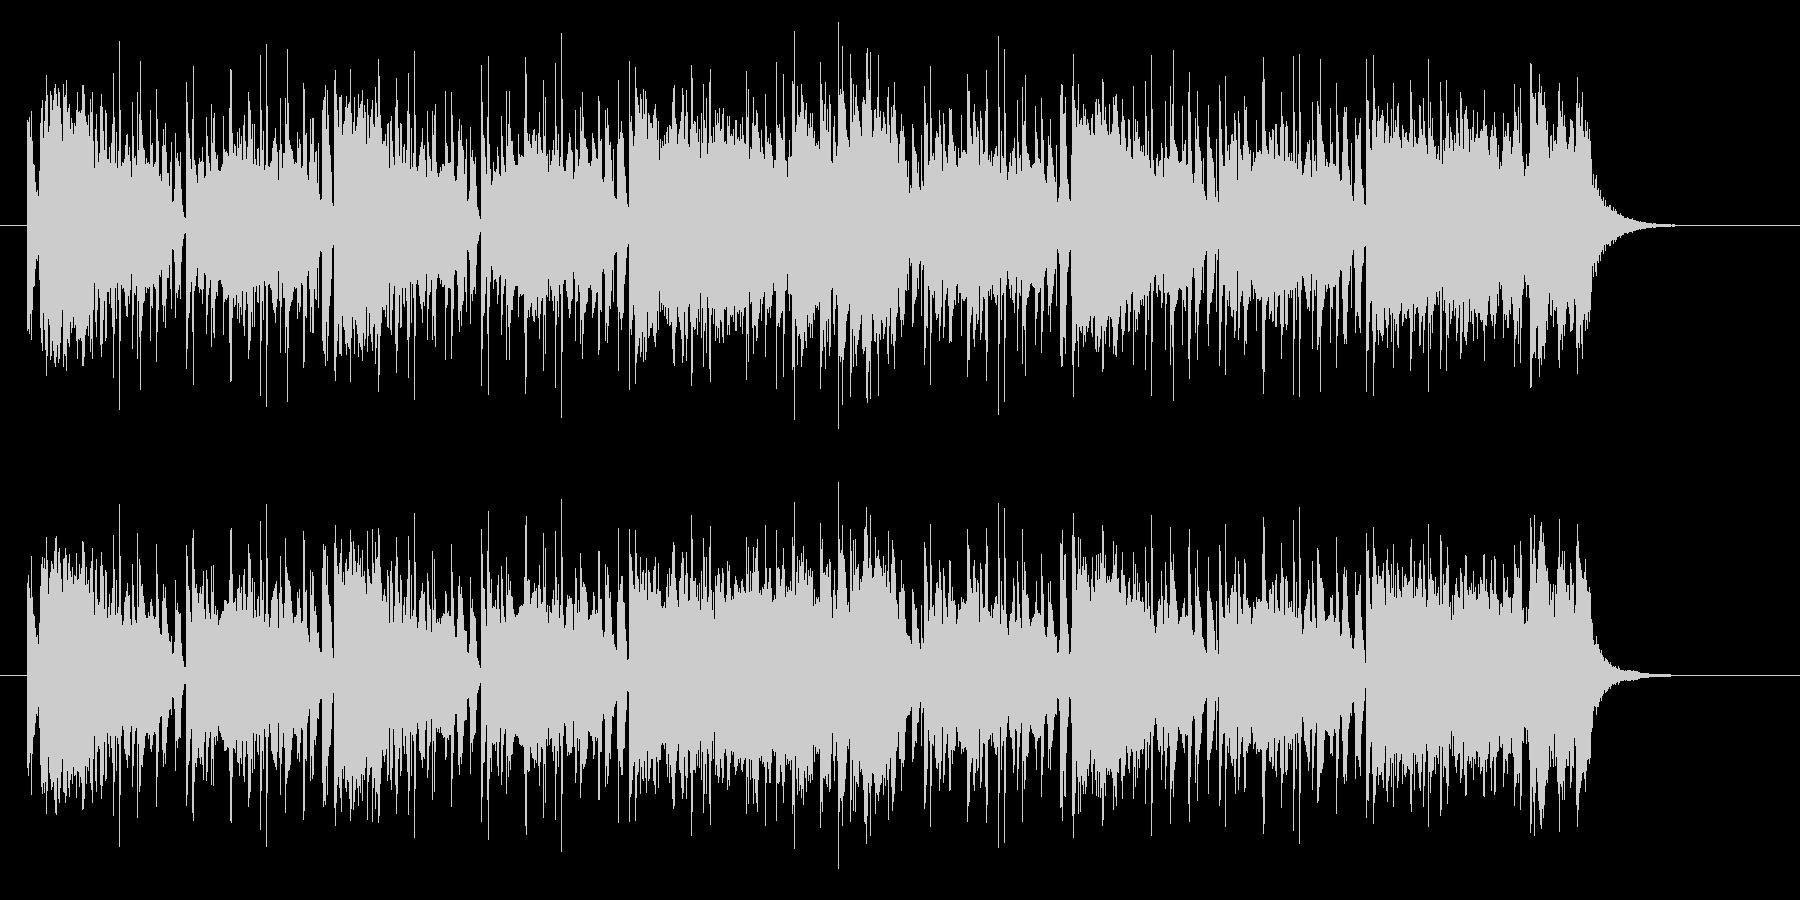 シンセサイザーのカッコいいポップスの未再生の波形